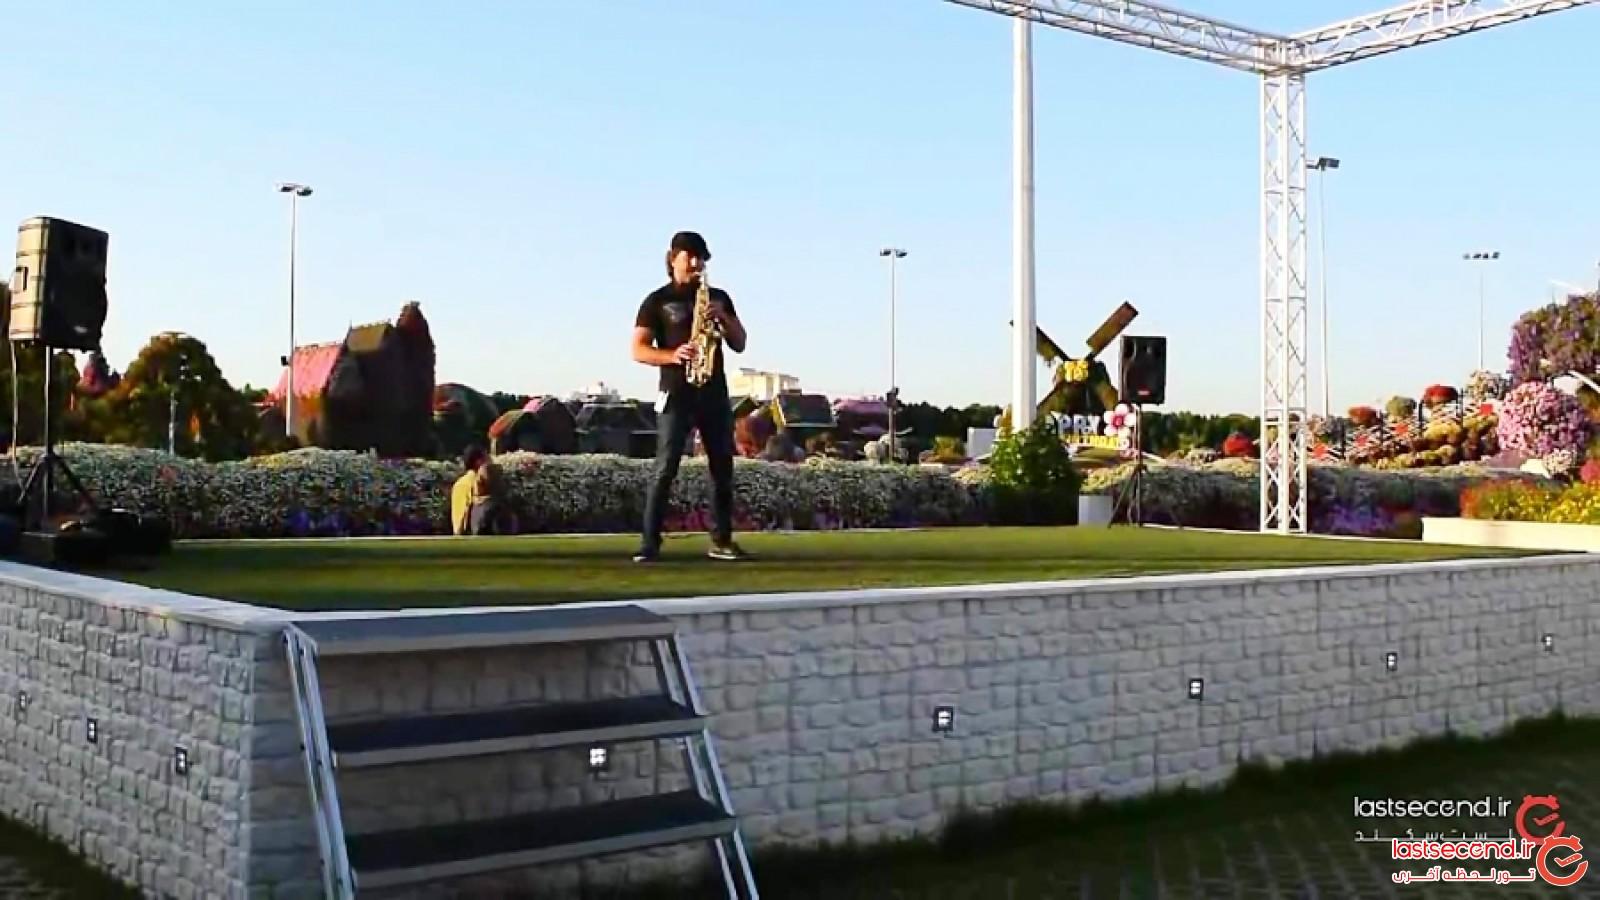 نوازندگی ساکسیفون در باغ معجزه دبی